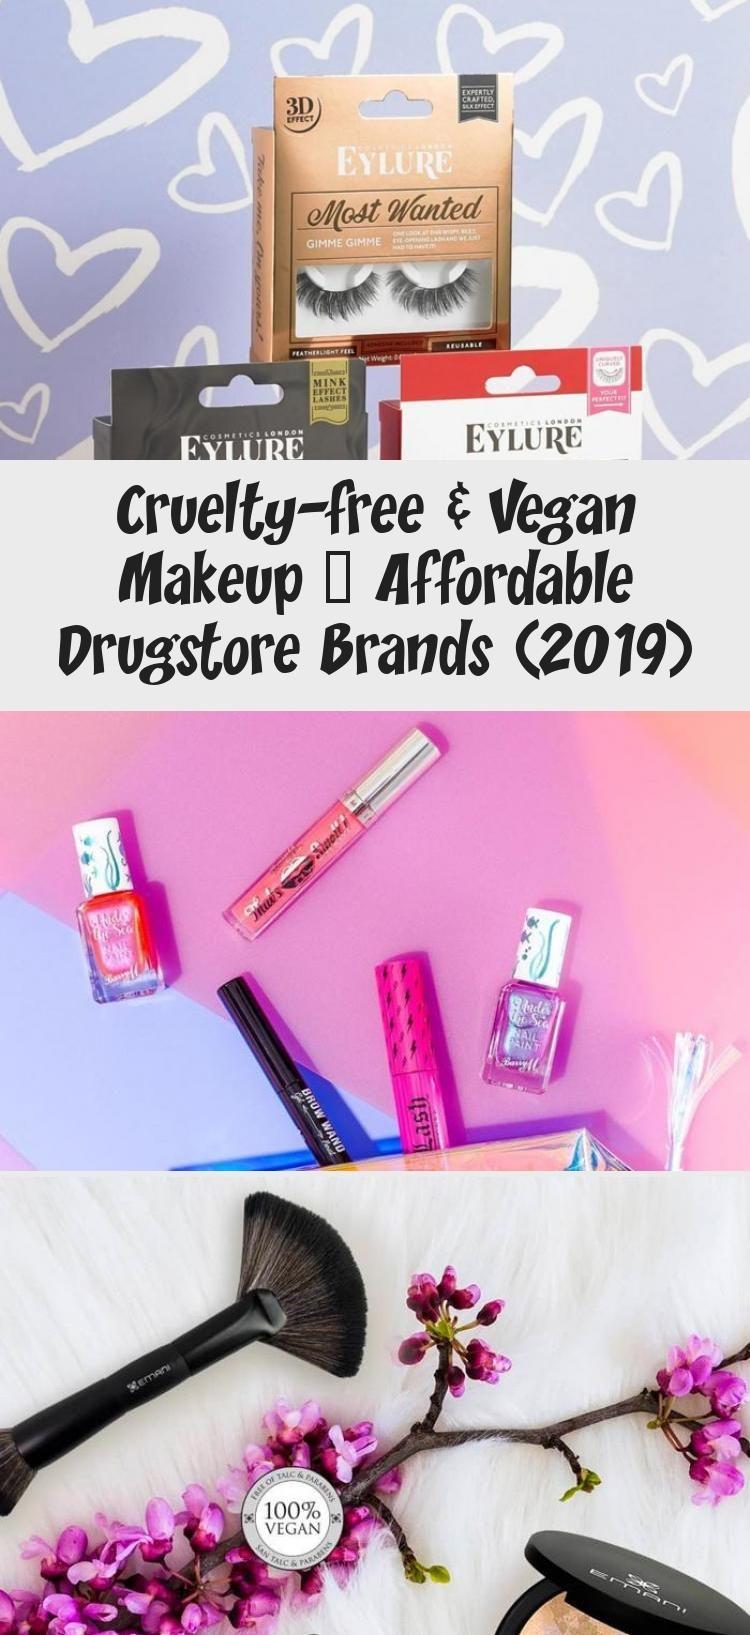 En Blog En Blog in 2020 Vegan makeup drugstore, Vegan